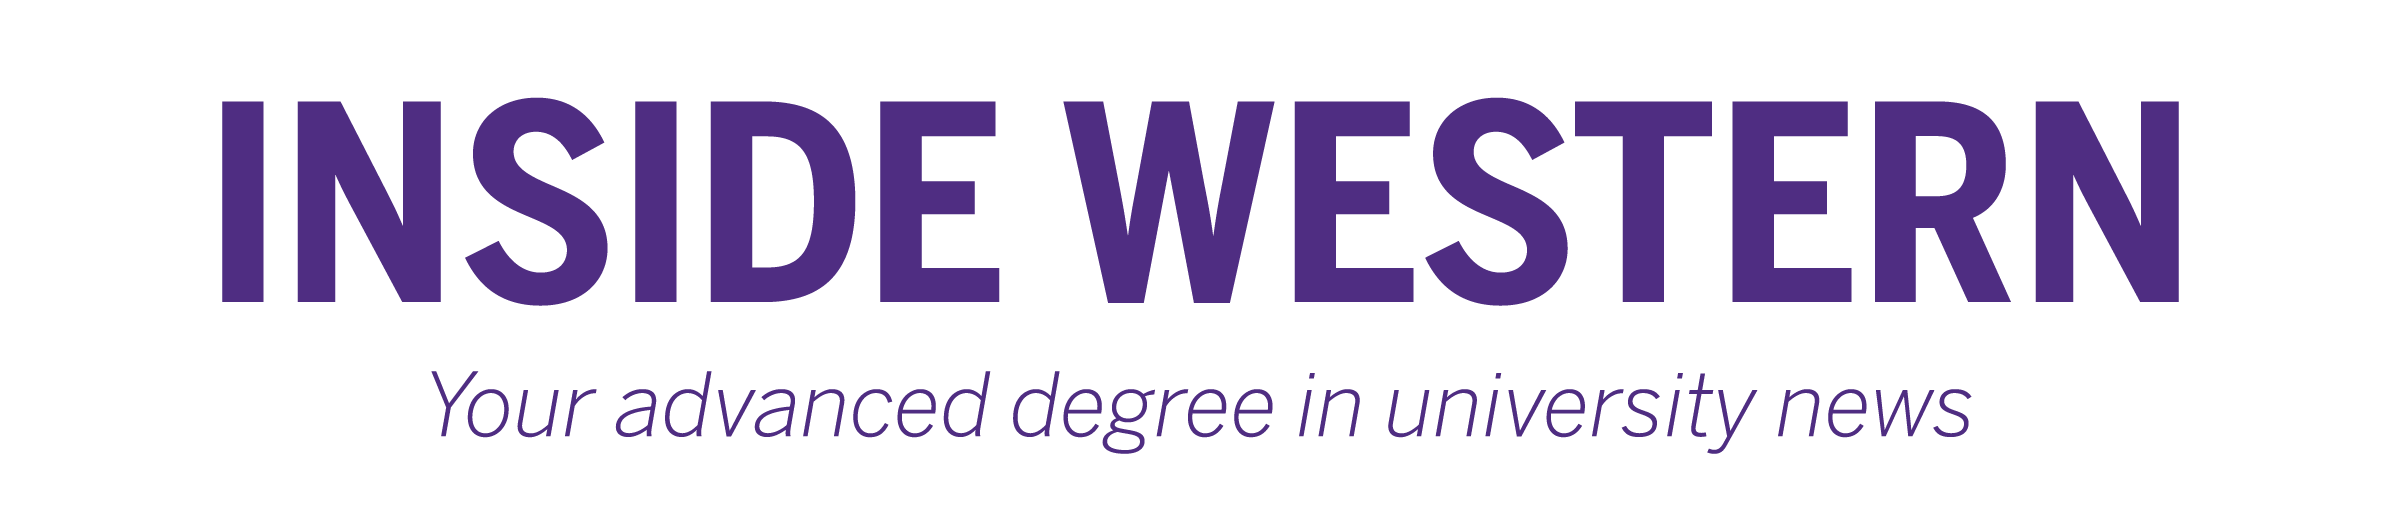 Inside Western